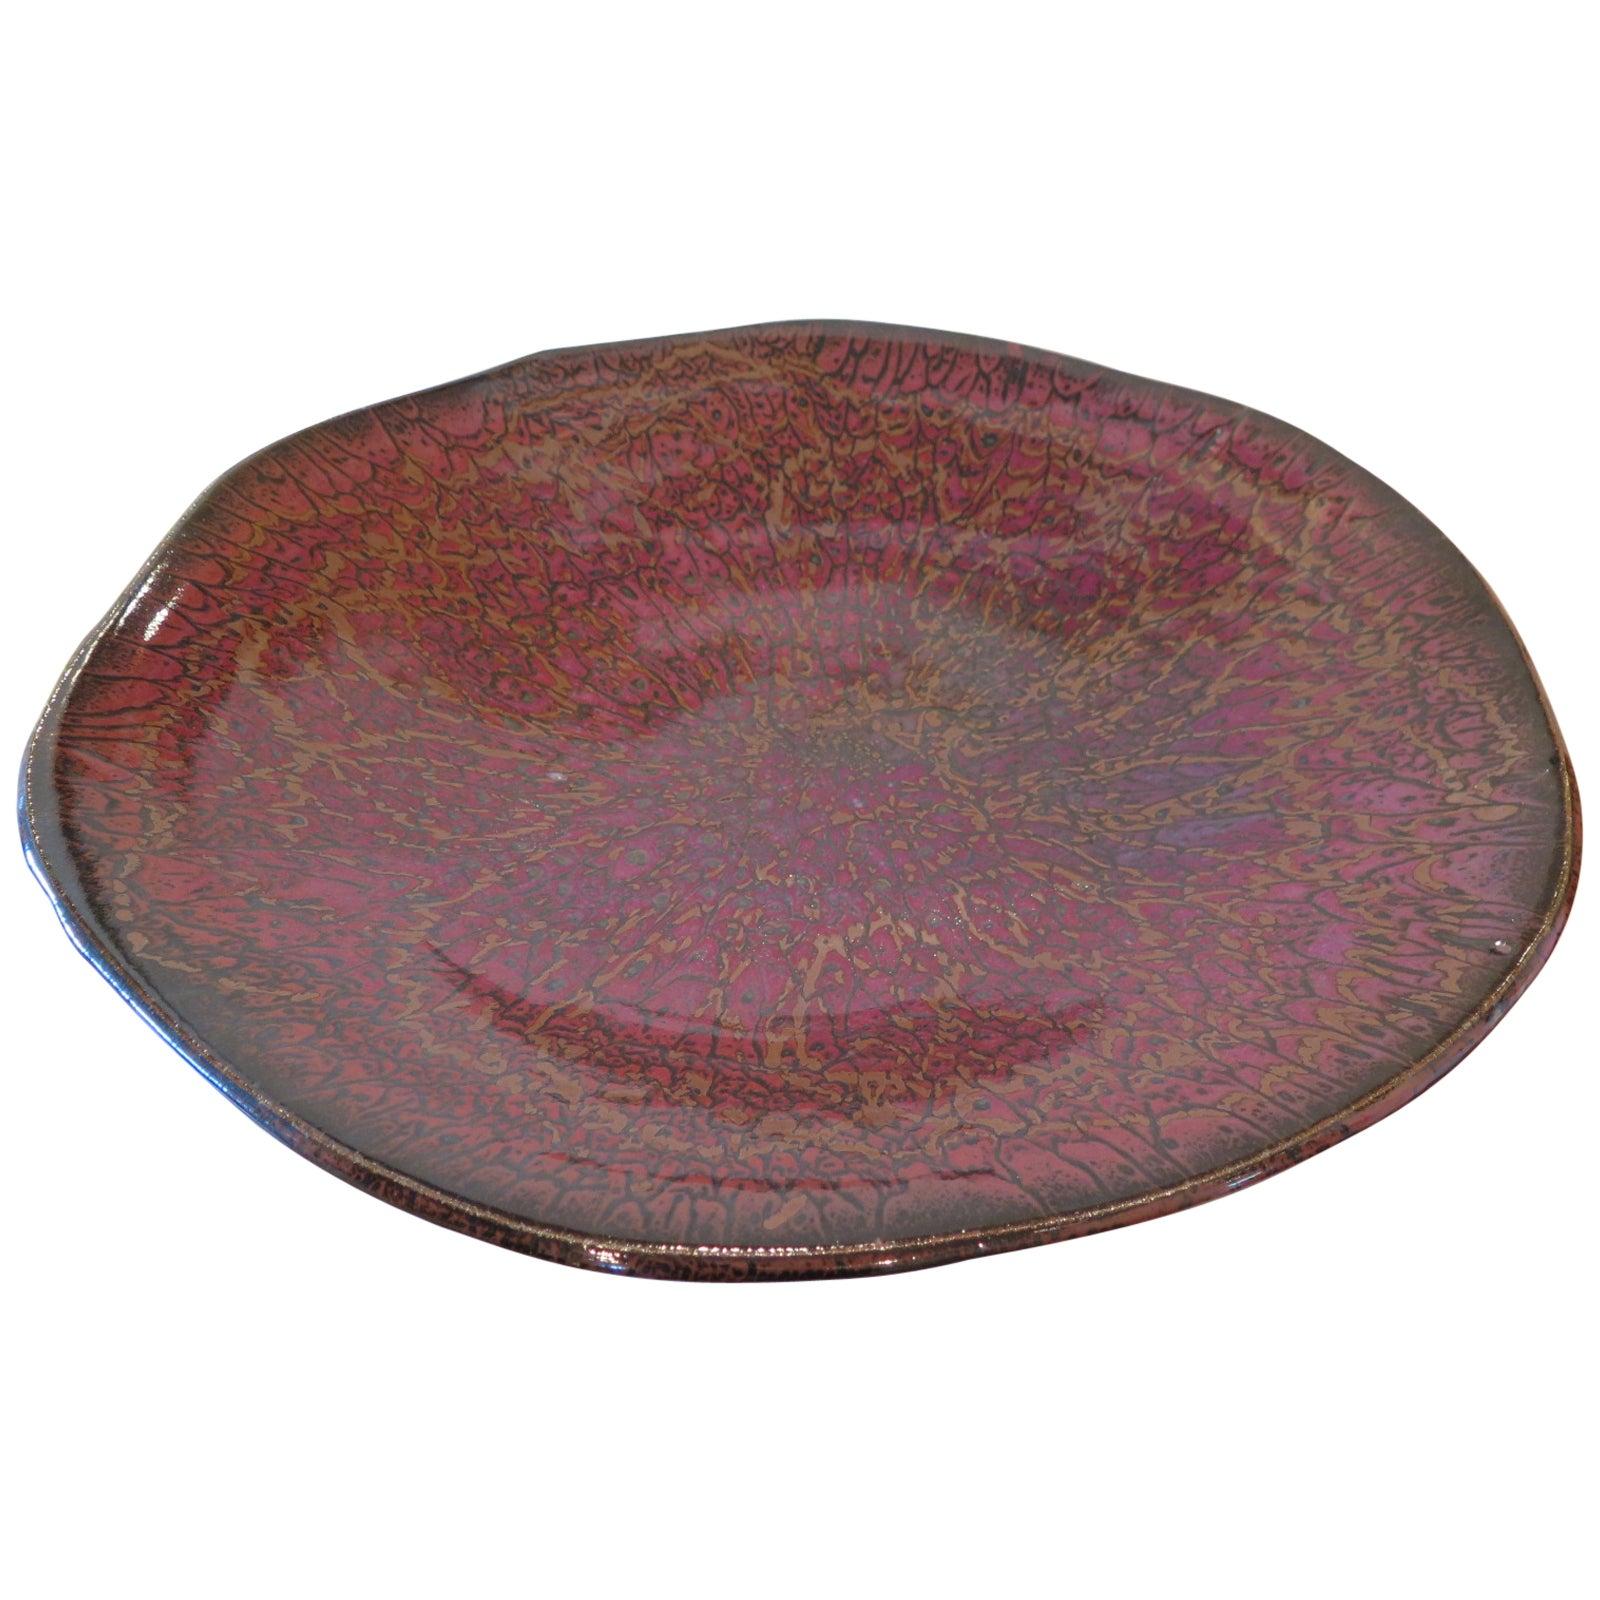 Unique Ceramic Charger by Charlie Parker